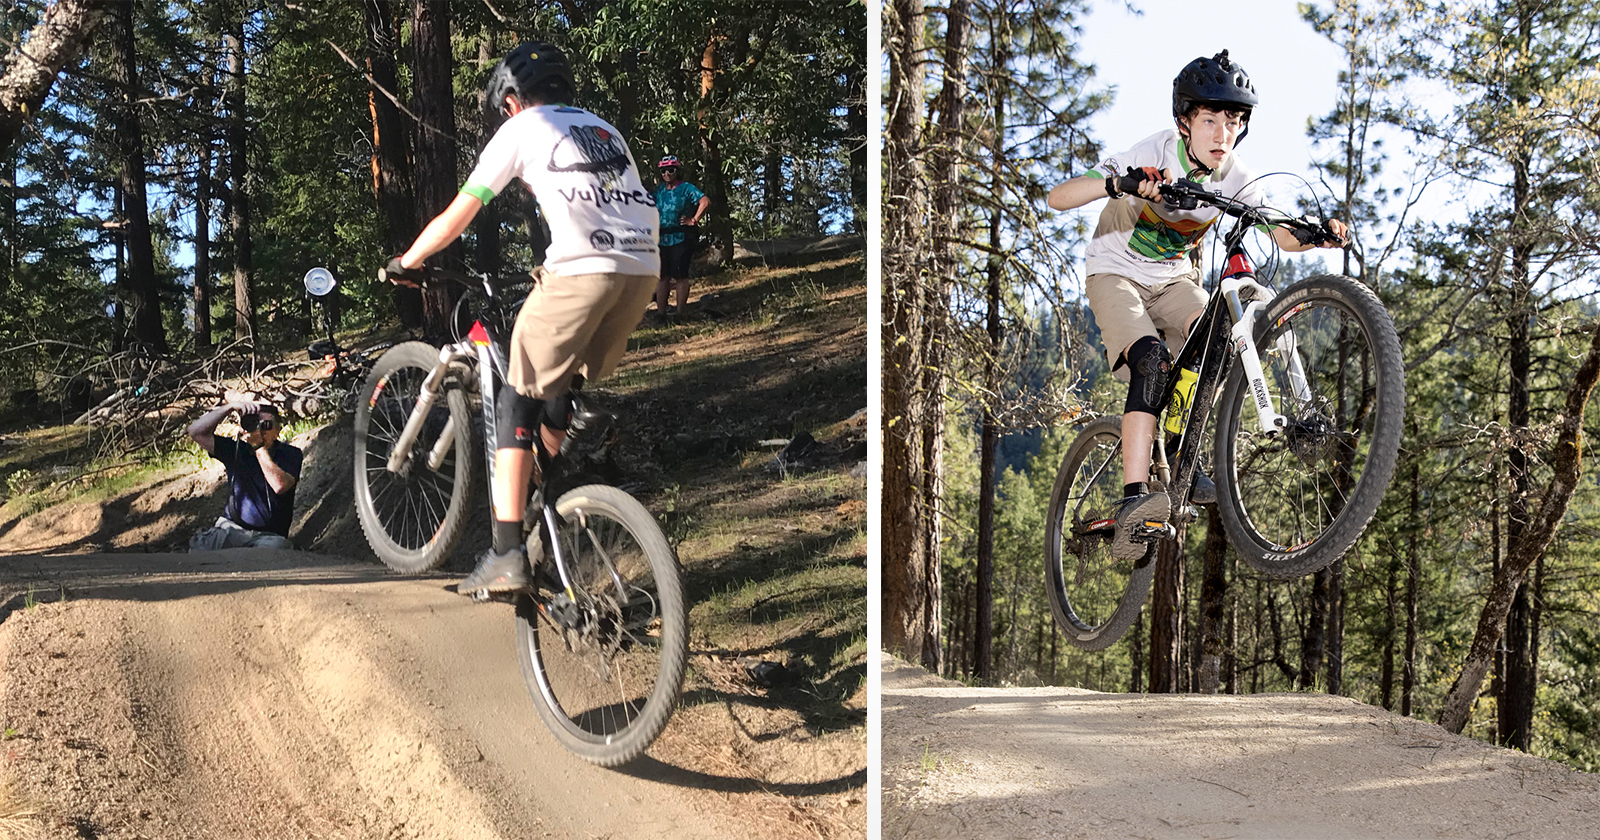 Ricco di azione: fotografare gli appassionati di mountain bike con EOS R5